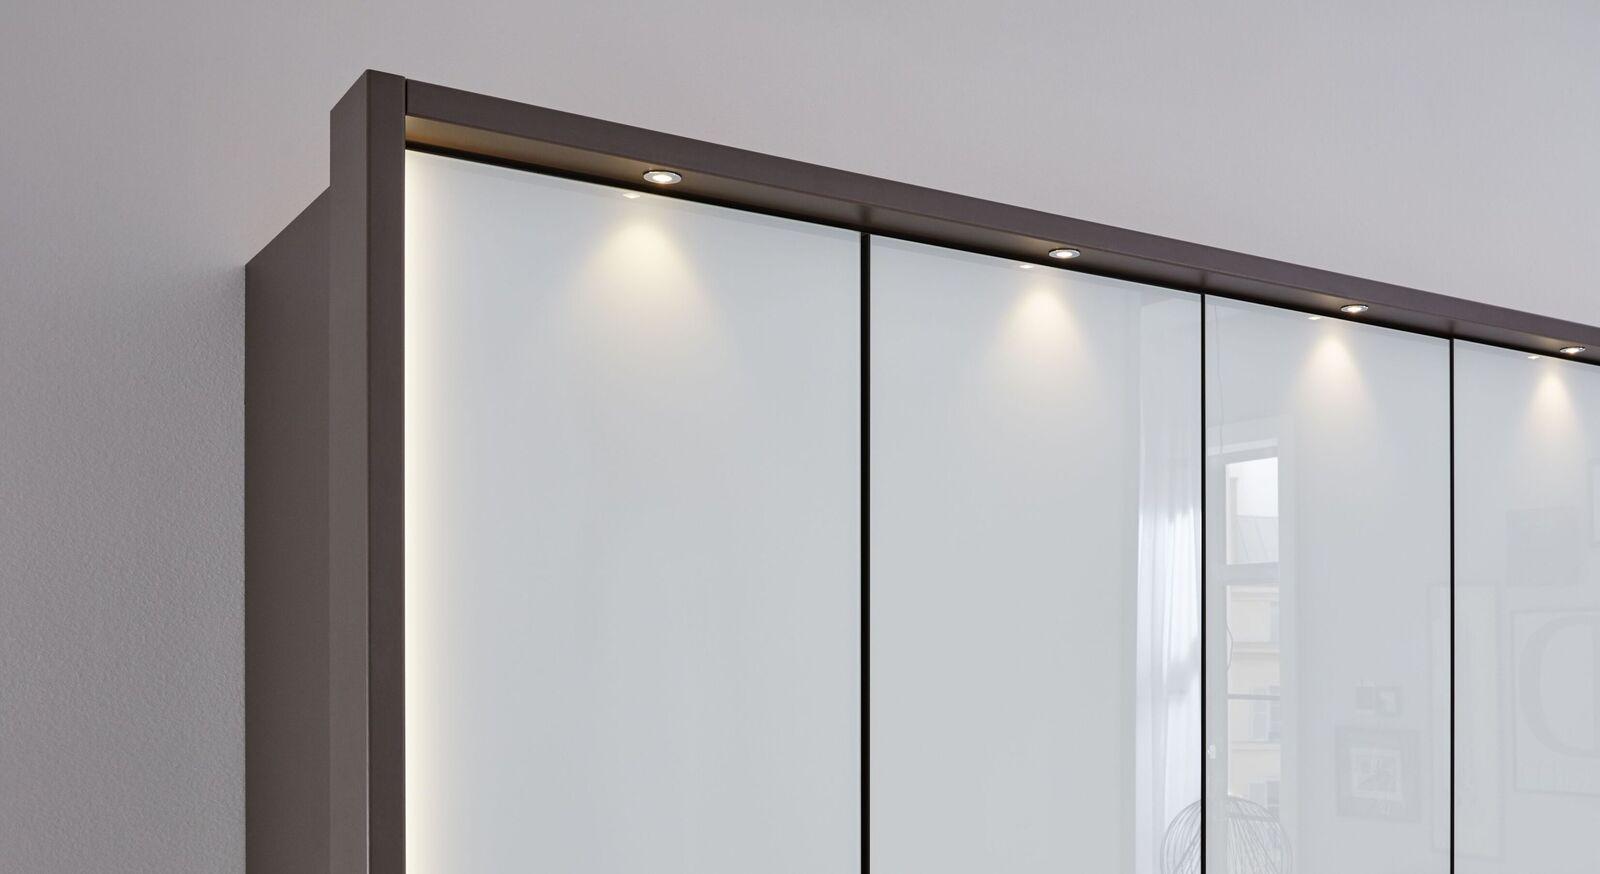 INTERLIVING Funktions-Kleiderschrank 1006 mit havannafarbenem Rahmen